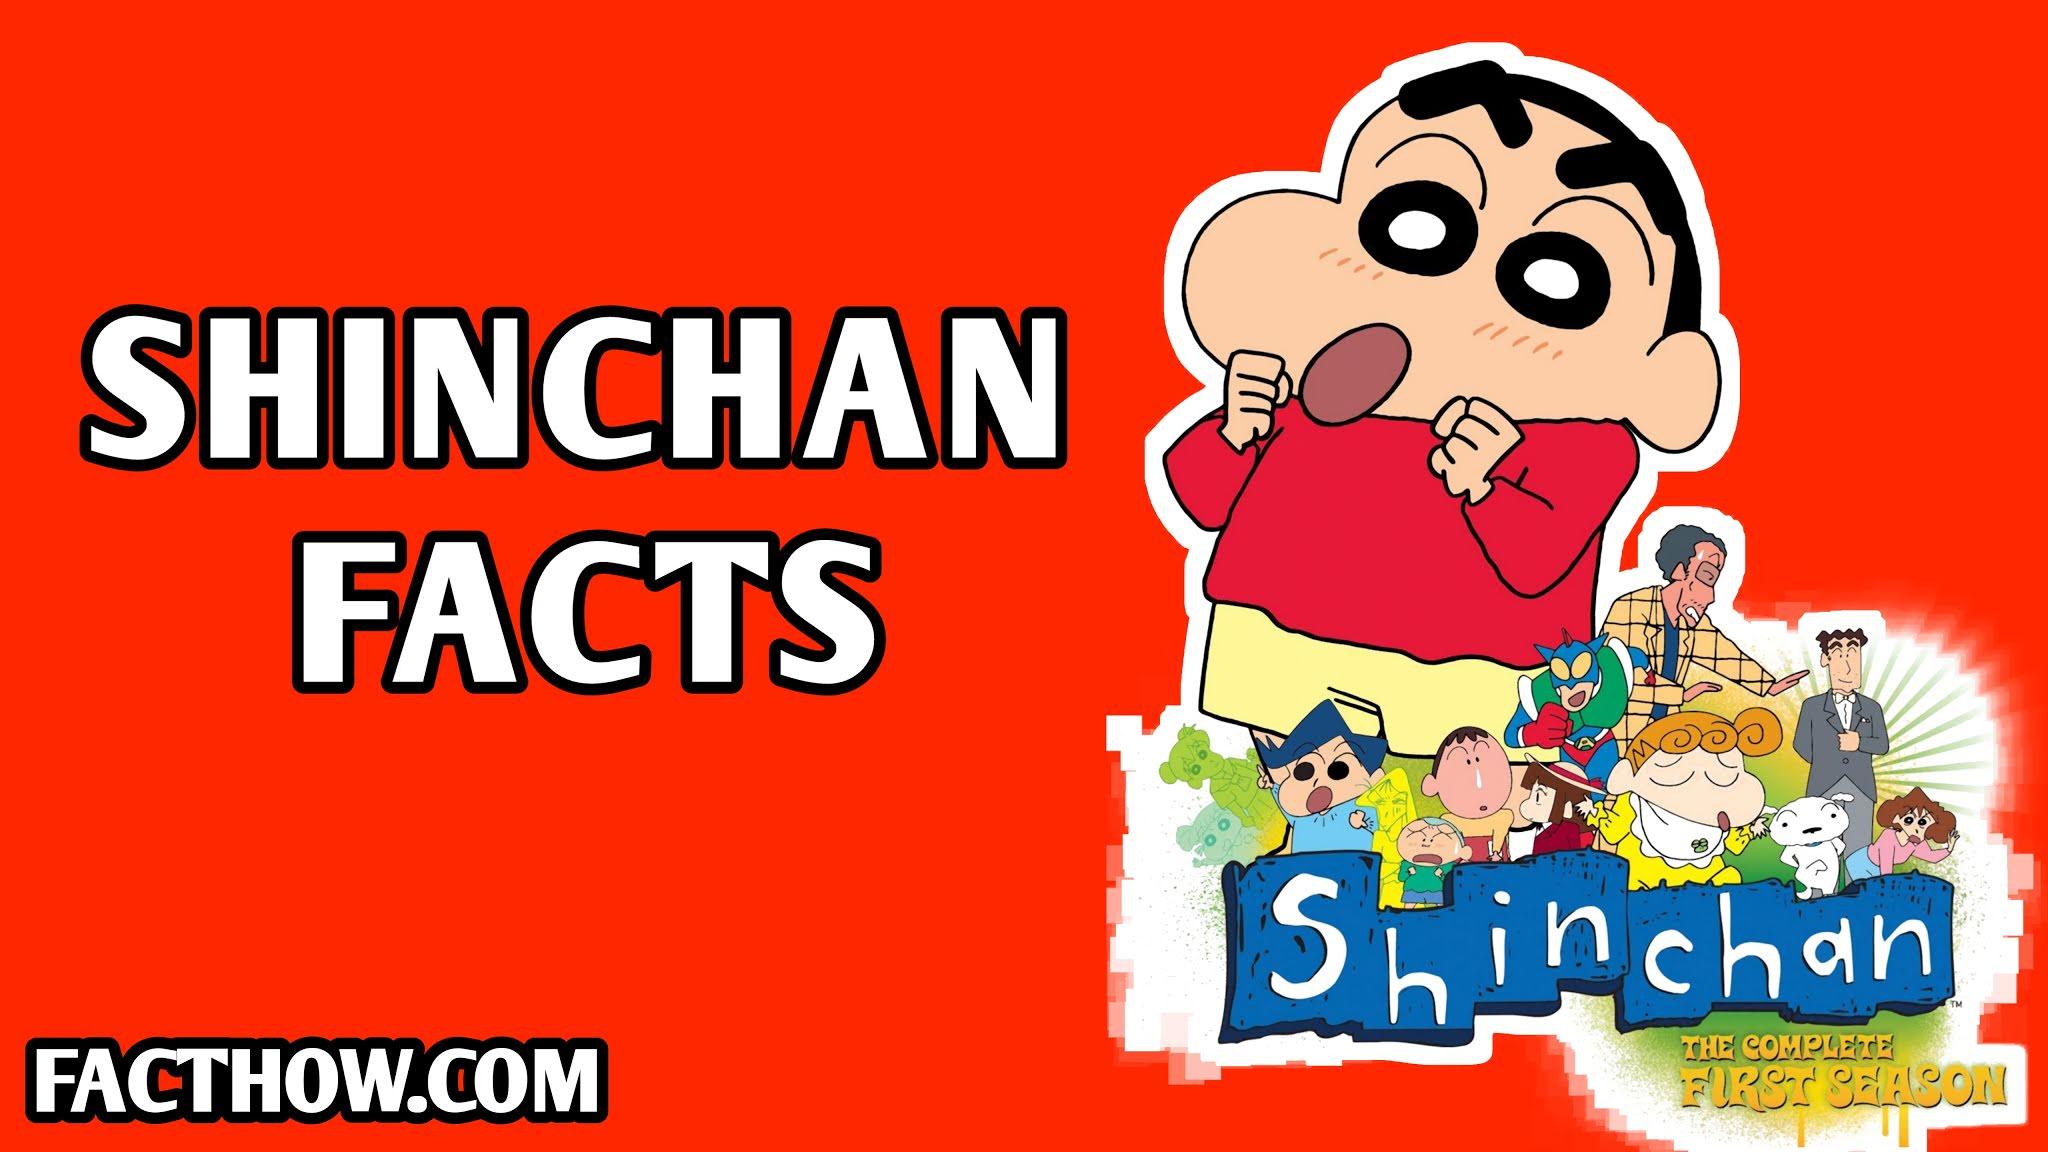 shinchan in hindi download, fact how, facthow, fact how.com, shinchan whatsapp status, shinchan movie kaanta laga, shinchan full movie in hindi, sinchan facts hindi, sinchan facts, sinchan rochak tathya, interesting facts about shinchan, crayon shinchan facts, shinchan whatsapp status, shinchan tshirt, watch shinchan online, shinchan voice changer app, 10 Facts About Shin Chan That Every Crazy Fan Must Know!, Awesome Shin Chan Facts, shinchan hindi wala, The Real Story Behind ShinChan | Wisdom in 2019, Why shinchan got banned in india ? Shinchan facts in hindi, shinchan, sinchan se jude facts in hindi, amazing cartoon facts hindi, shinchan facts,